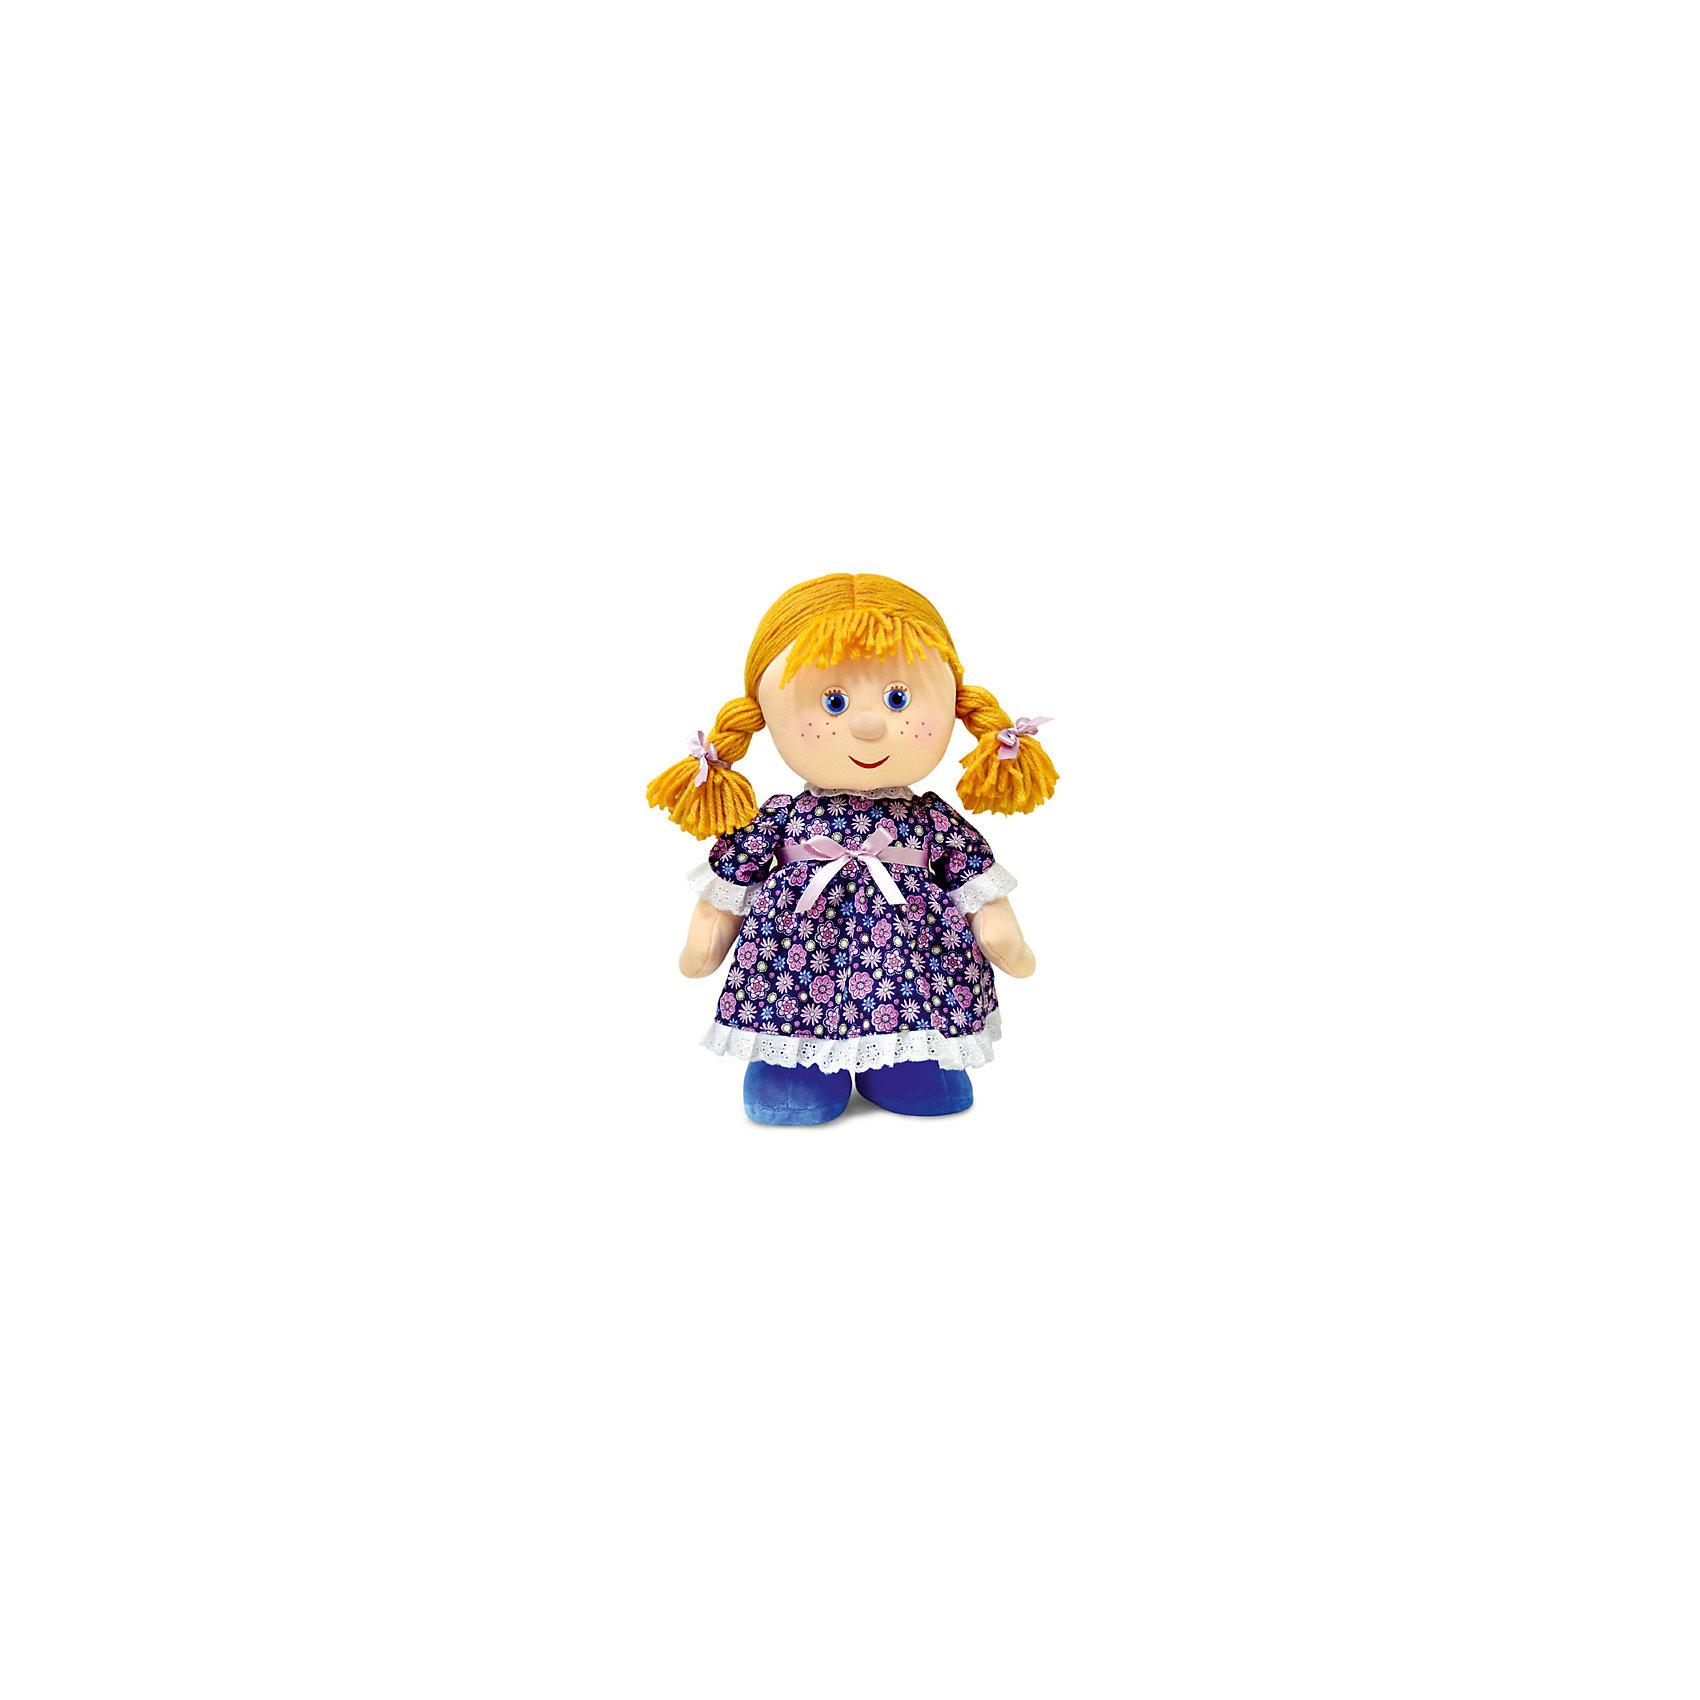 Куколка танцующая, музыкальная, LAVAОчаровательная мягкая игрушка сделана в виде куклы  с рыжими косичками. Она поможет ребенку проводить время весело и с пользой (такие игрушки развивают воображение и моторику). В игрушке есть встроенный звуковой модуль, работающий на батарейках.<br>Размер игрушки небольшой, он универсален, её удобно брать с собой в поездки и на прогулку. Сделана кукла из качественных и безопасных для ребенка материалов, которые еще и приятны на ощупь. Эта игрушка может стать и отличным подарком для взрослого.<br><br>Дополнительная информация:<br><br>- материал: текстиль, пластик;<br>- звуковой модуль;<br>- язык: русский;<br>- работает на батарейках.<br><br>Игрушку Куколка танцующая, музыкальная, от марки LAVA можно купить в нашем магазине.<br><br>Ширина мм: 9999<br>Глубина мм: 9999<br>Высота мм: 310<br>Вес г: 538<br>Возраст от месяцев: 36<br>Возраст до месяцев: 1188<br>Пол: Унисекс<br>Возраст: Детский<br>SKU: 4701889